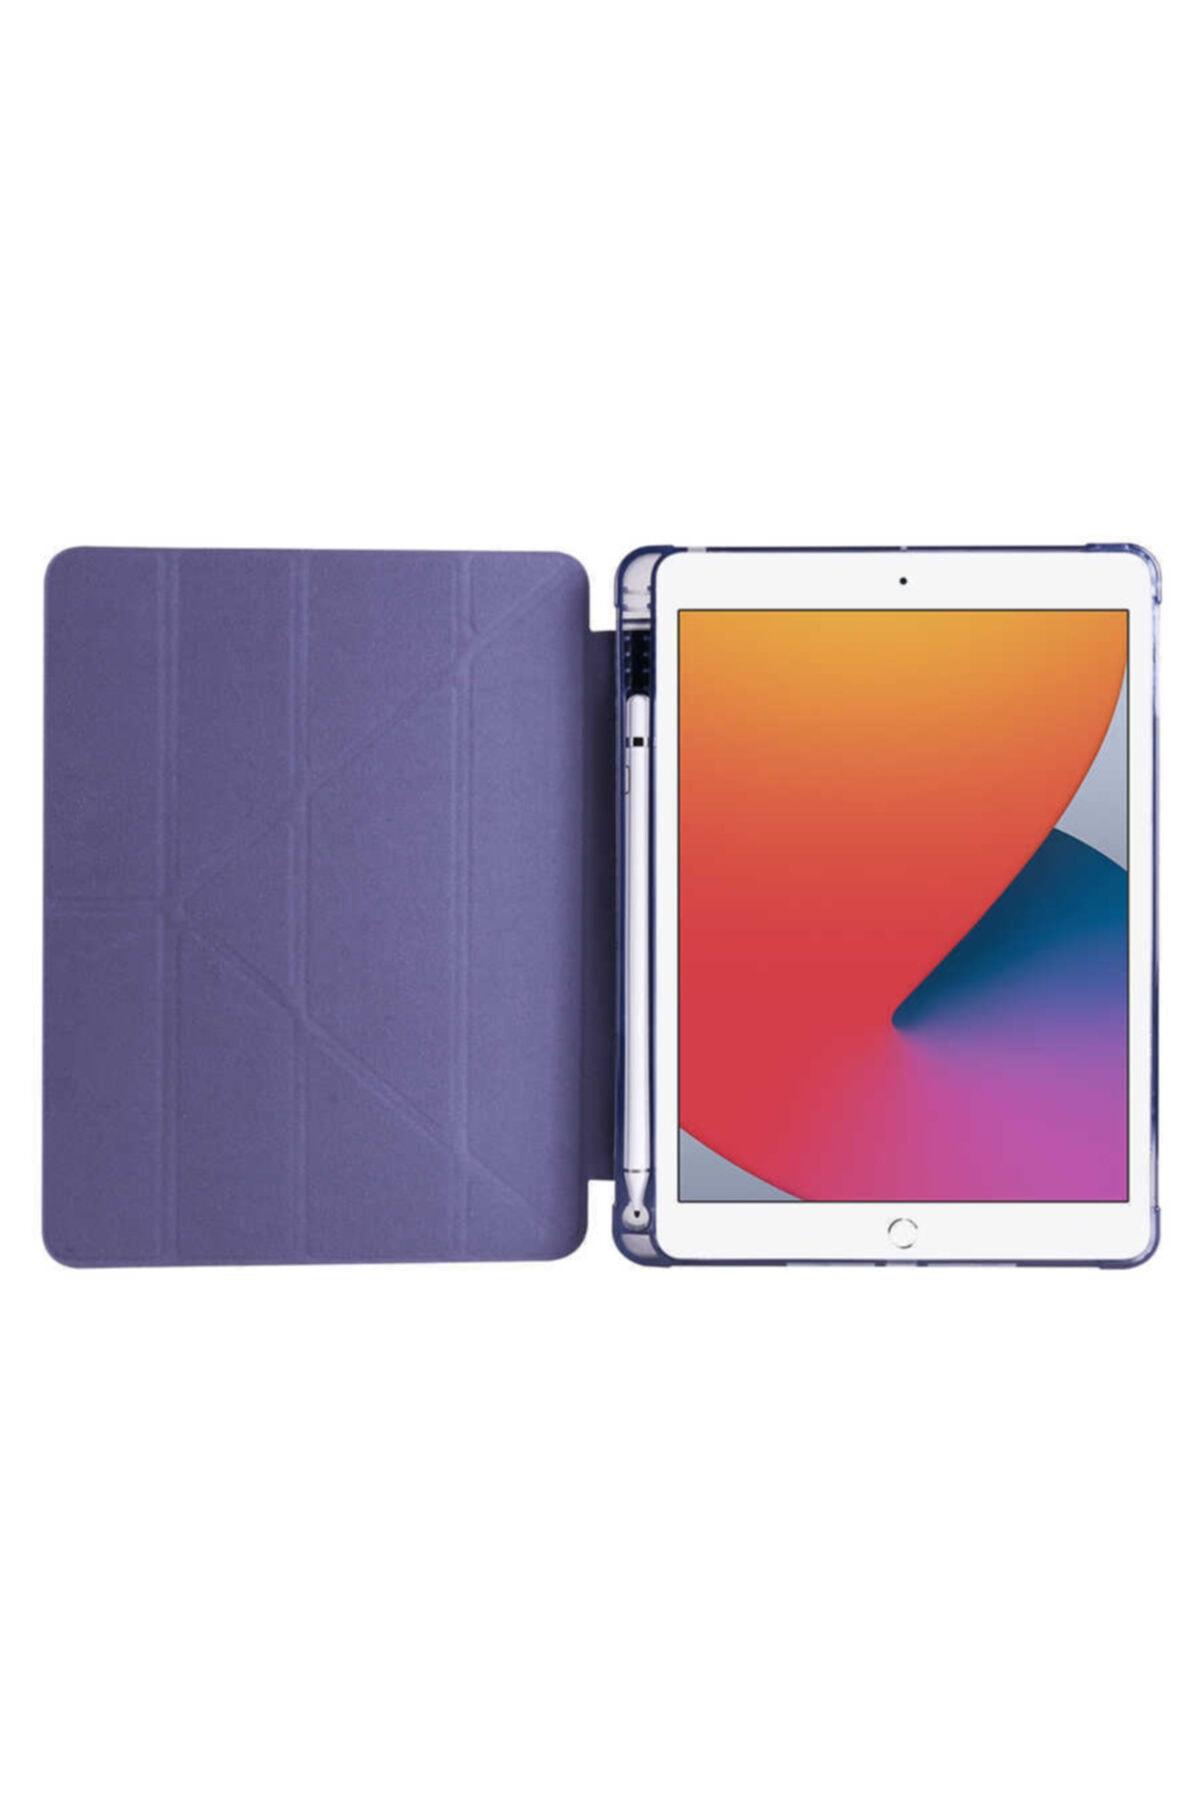 carına vannı Apple Ipad 9.7 2018 Uyumlu Rose Gold,kalem Bölmeli Katlanabilir Tablet Kılıfı,standlı Kılıf Pnd 2